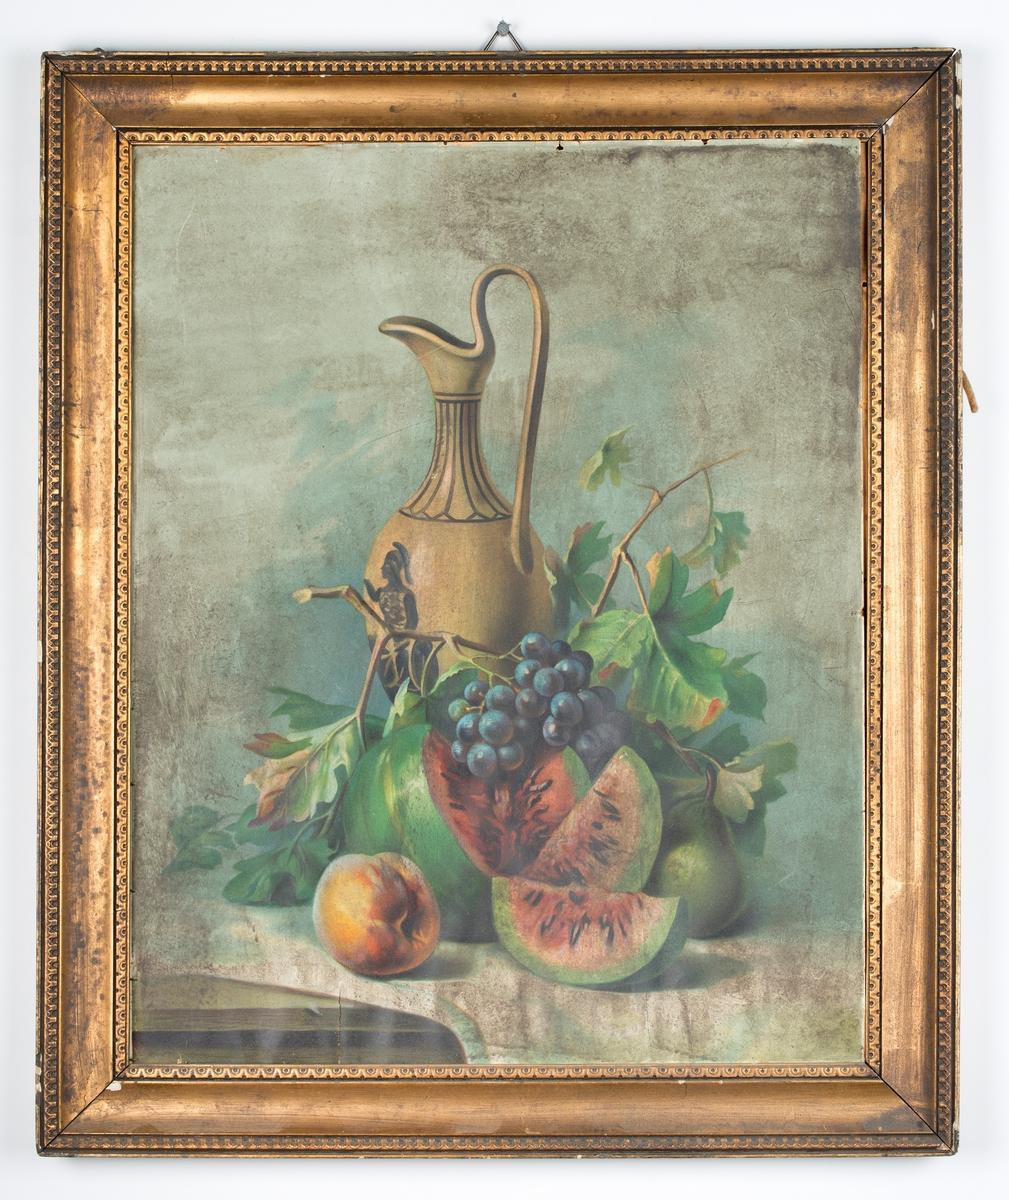 Motiv. Krukke , frukt og blader i stilleben. Forgylt ramme. Er nok en reproduksjon